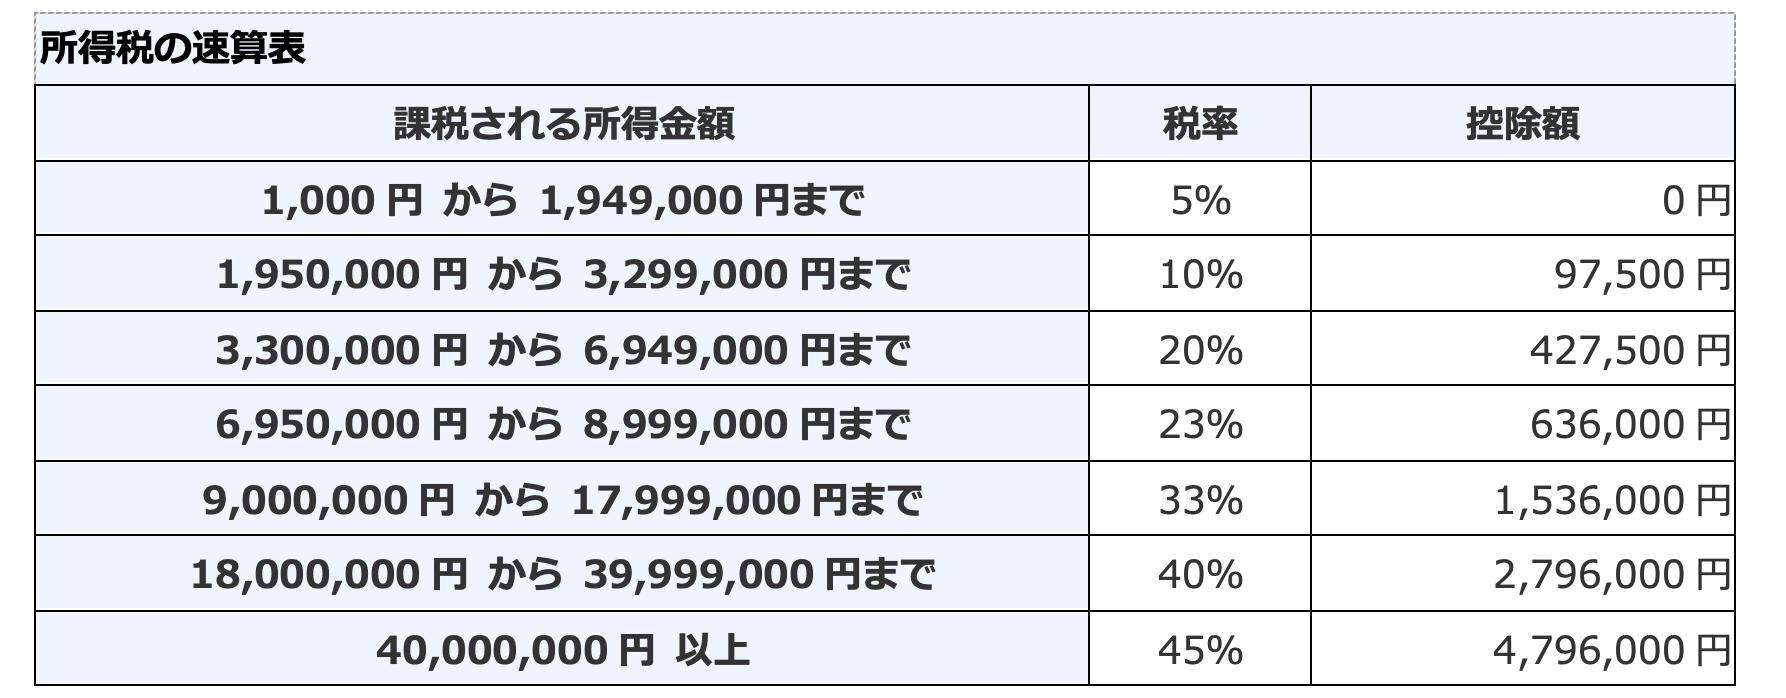 出所:国税庁HP